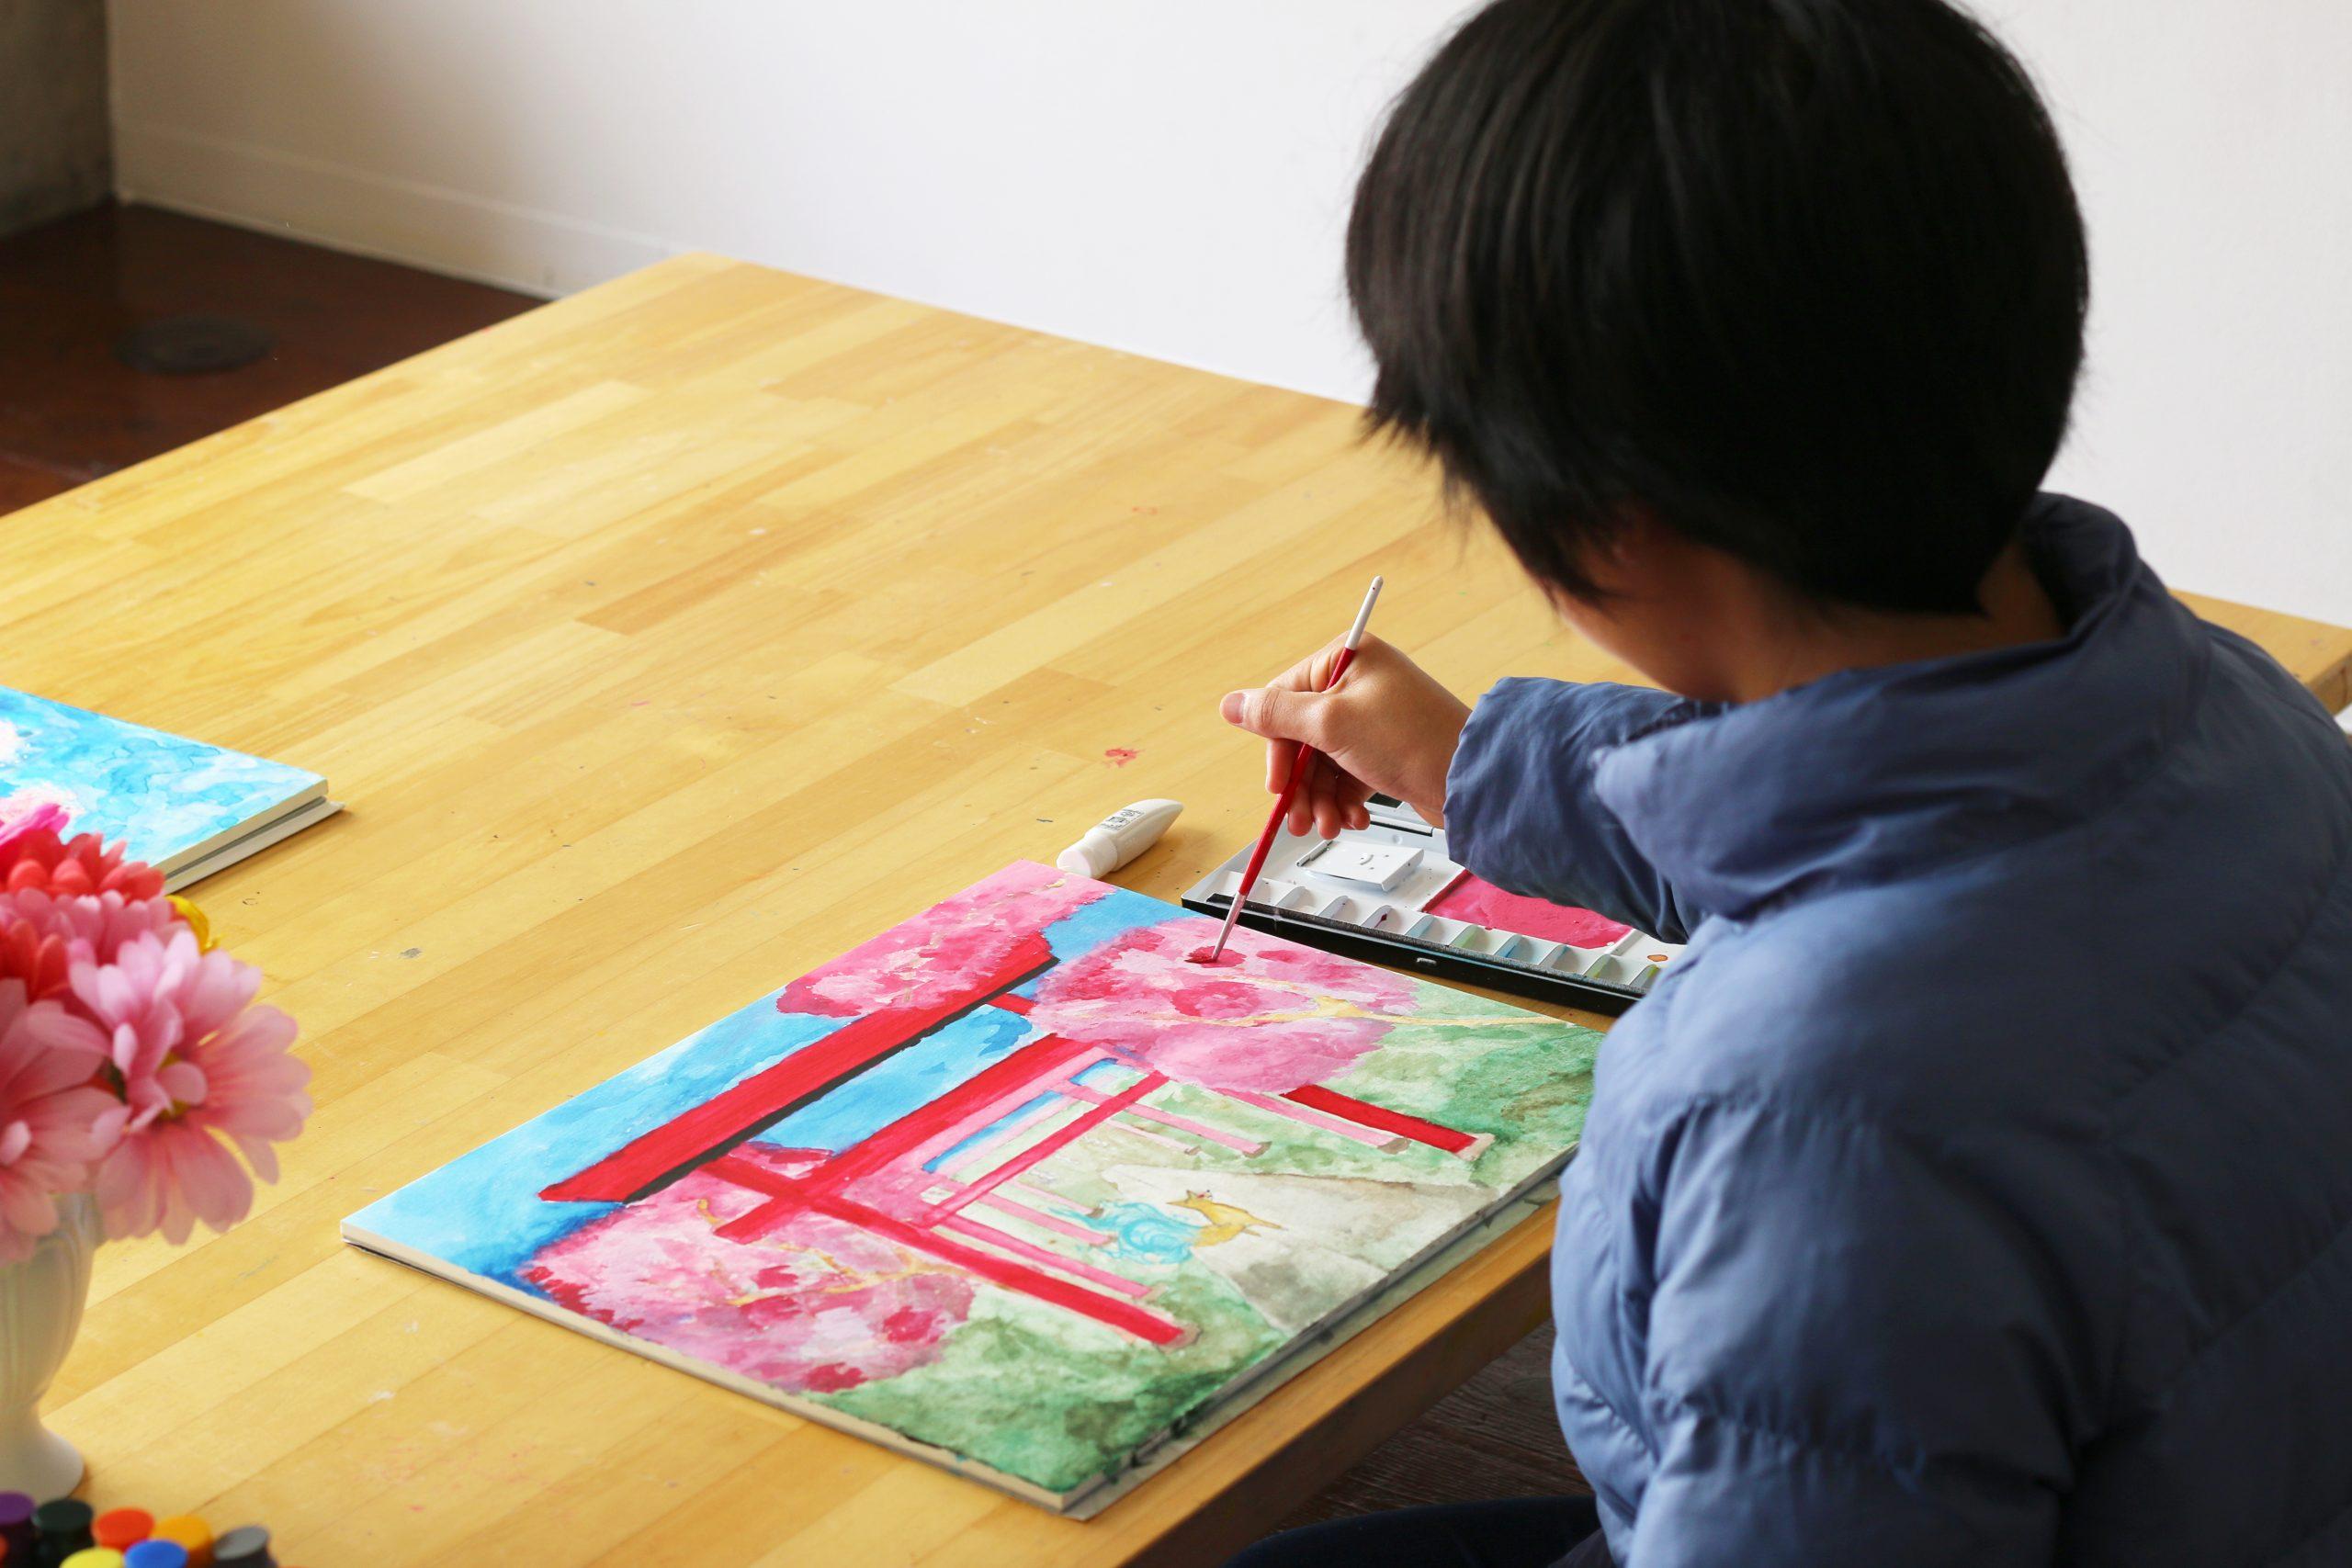 アート課題「桜のある風景(想像画)」 イメージ画像